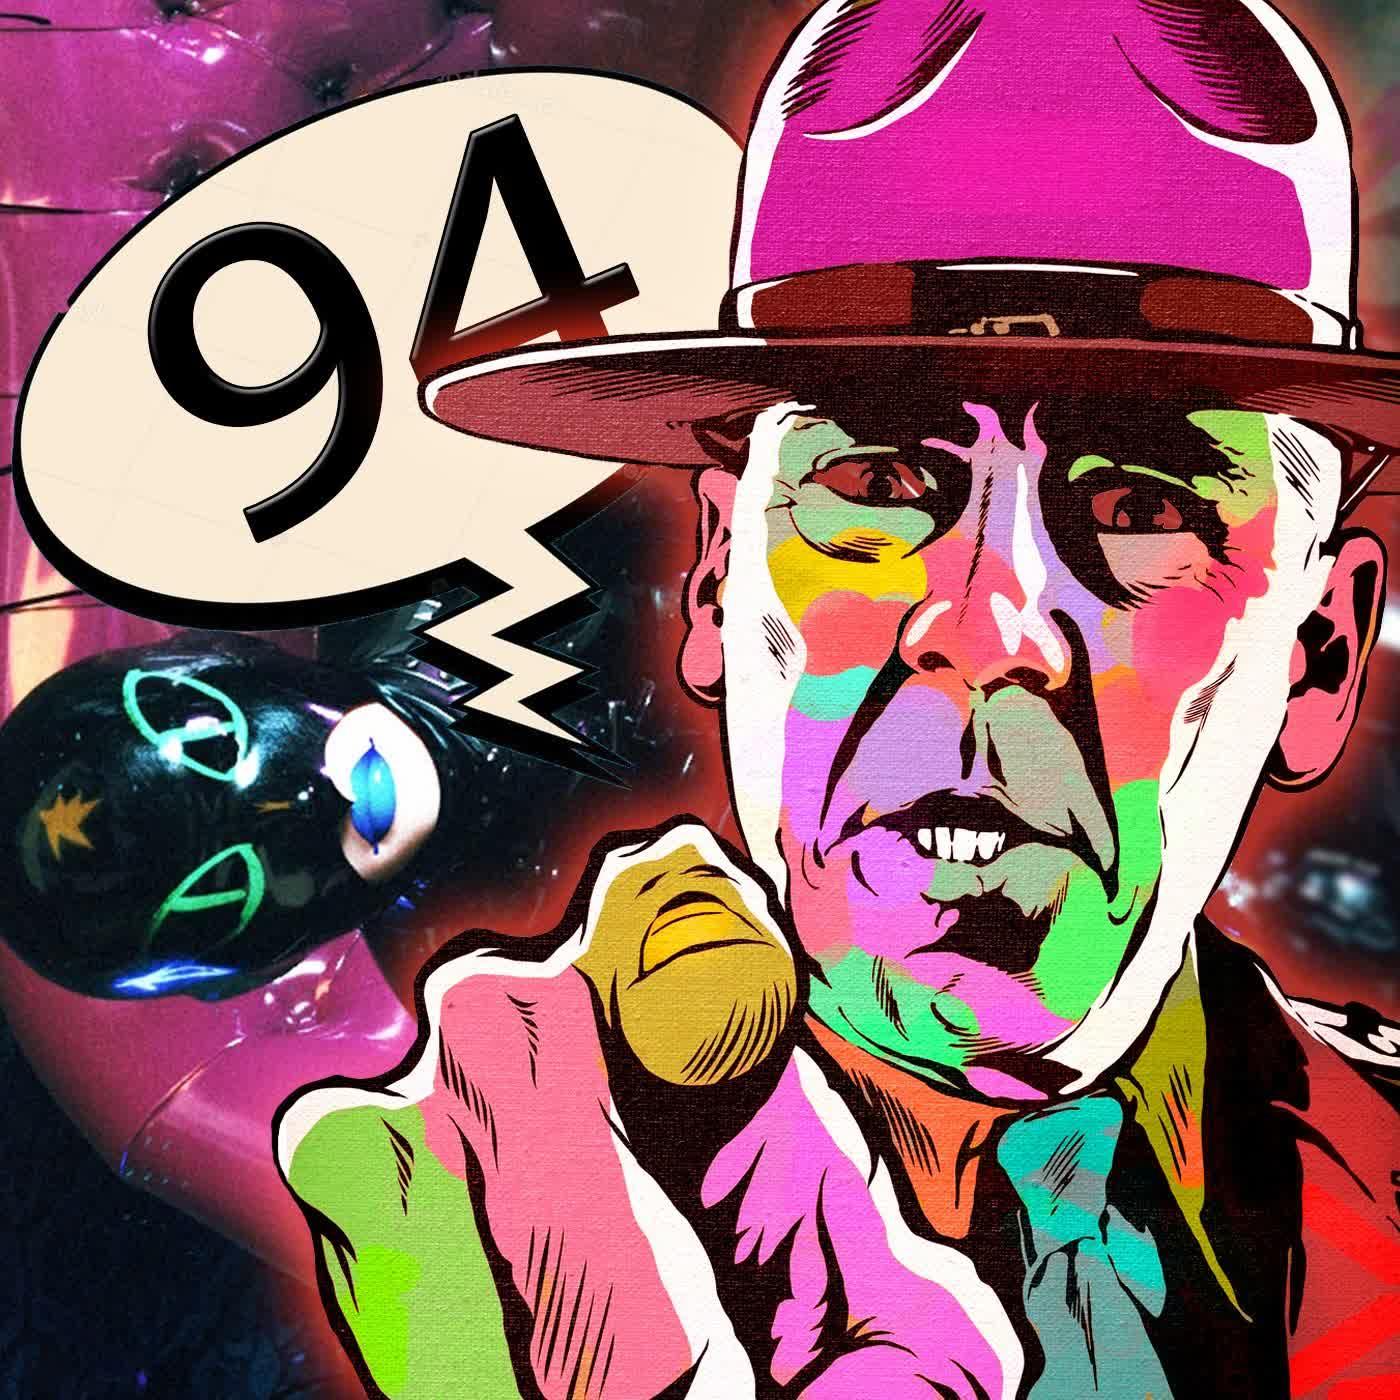 94 -  Как вас гнобят за музыкальный вкус, Наше наступившее будущее, Как сделать мир вокруг лучше